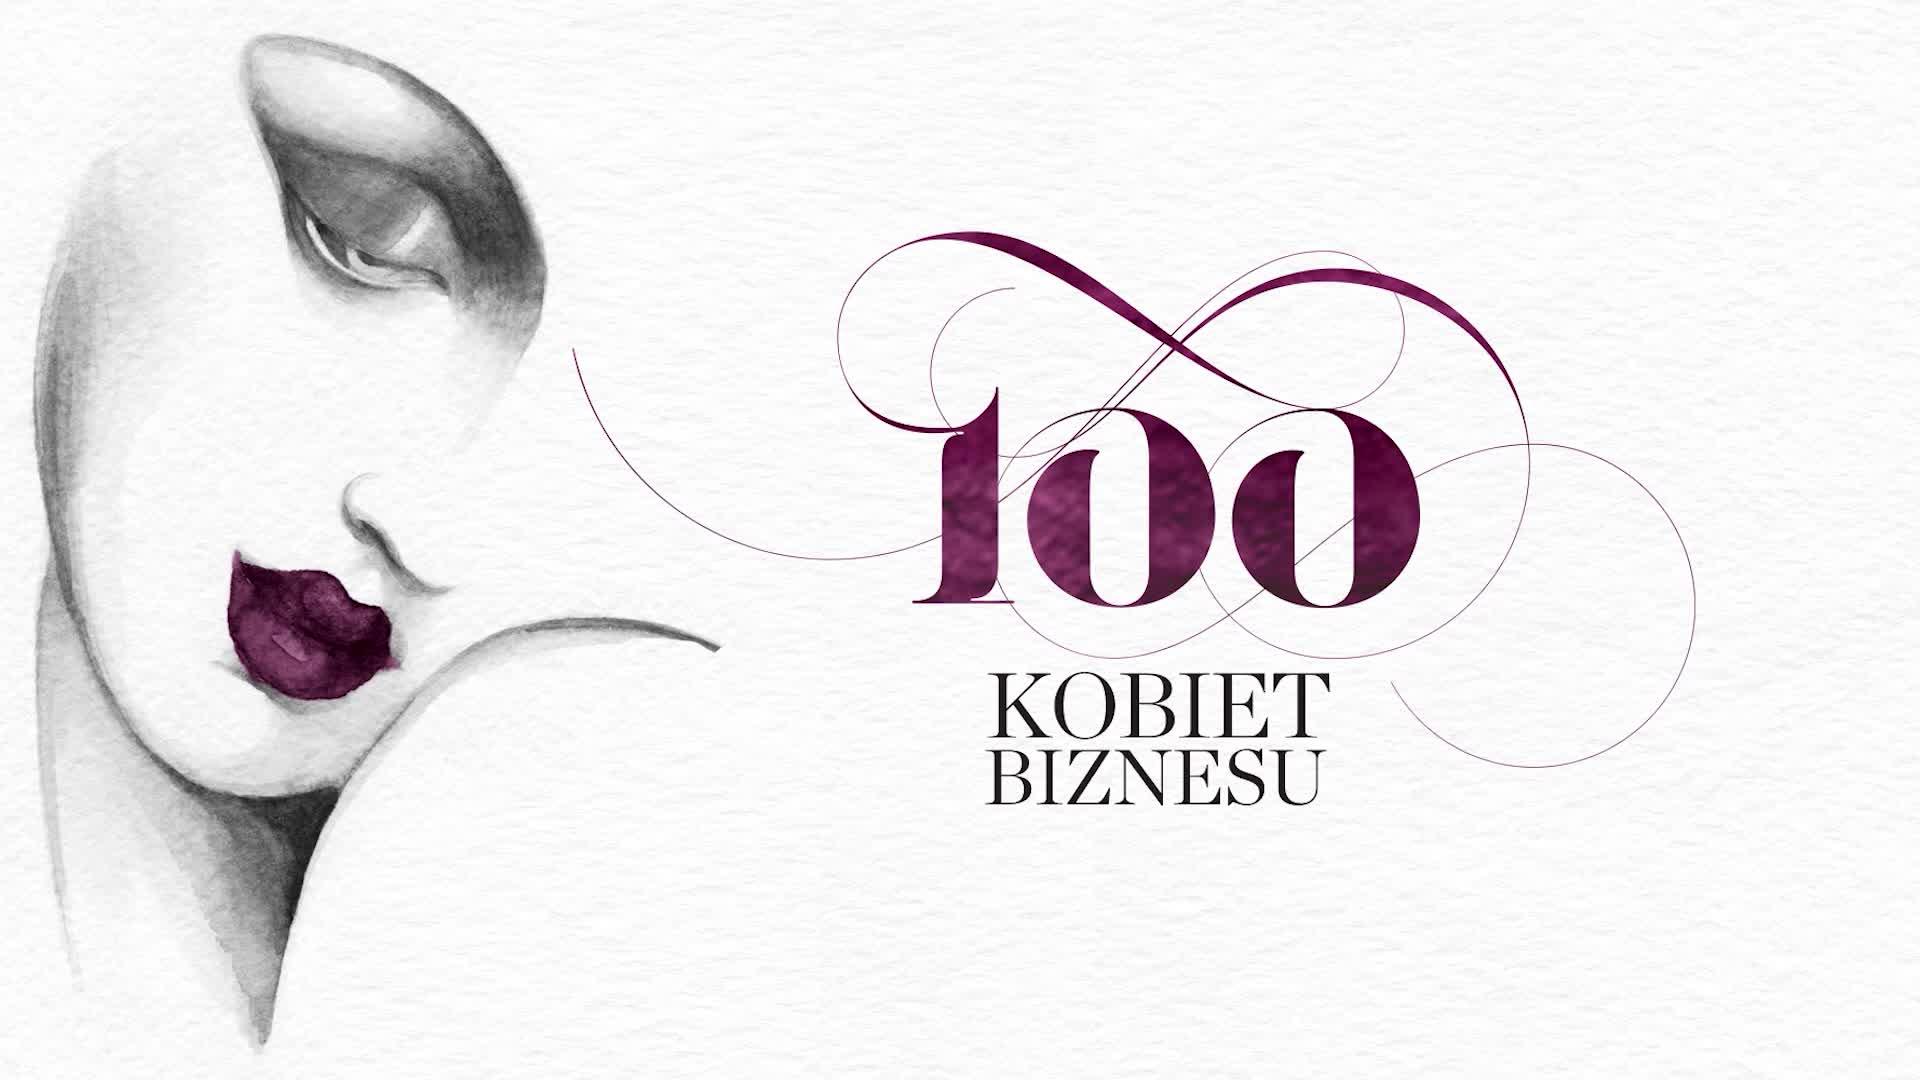 100 Kobiet Biznesu 2019